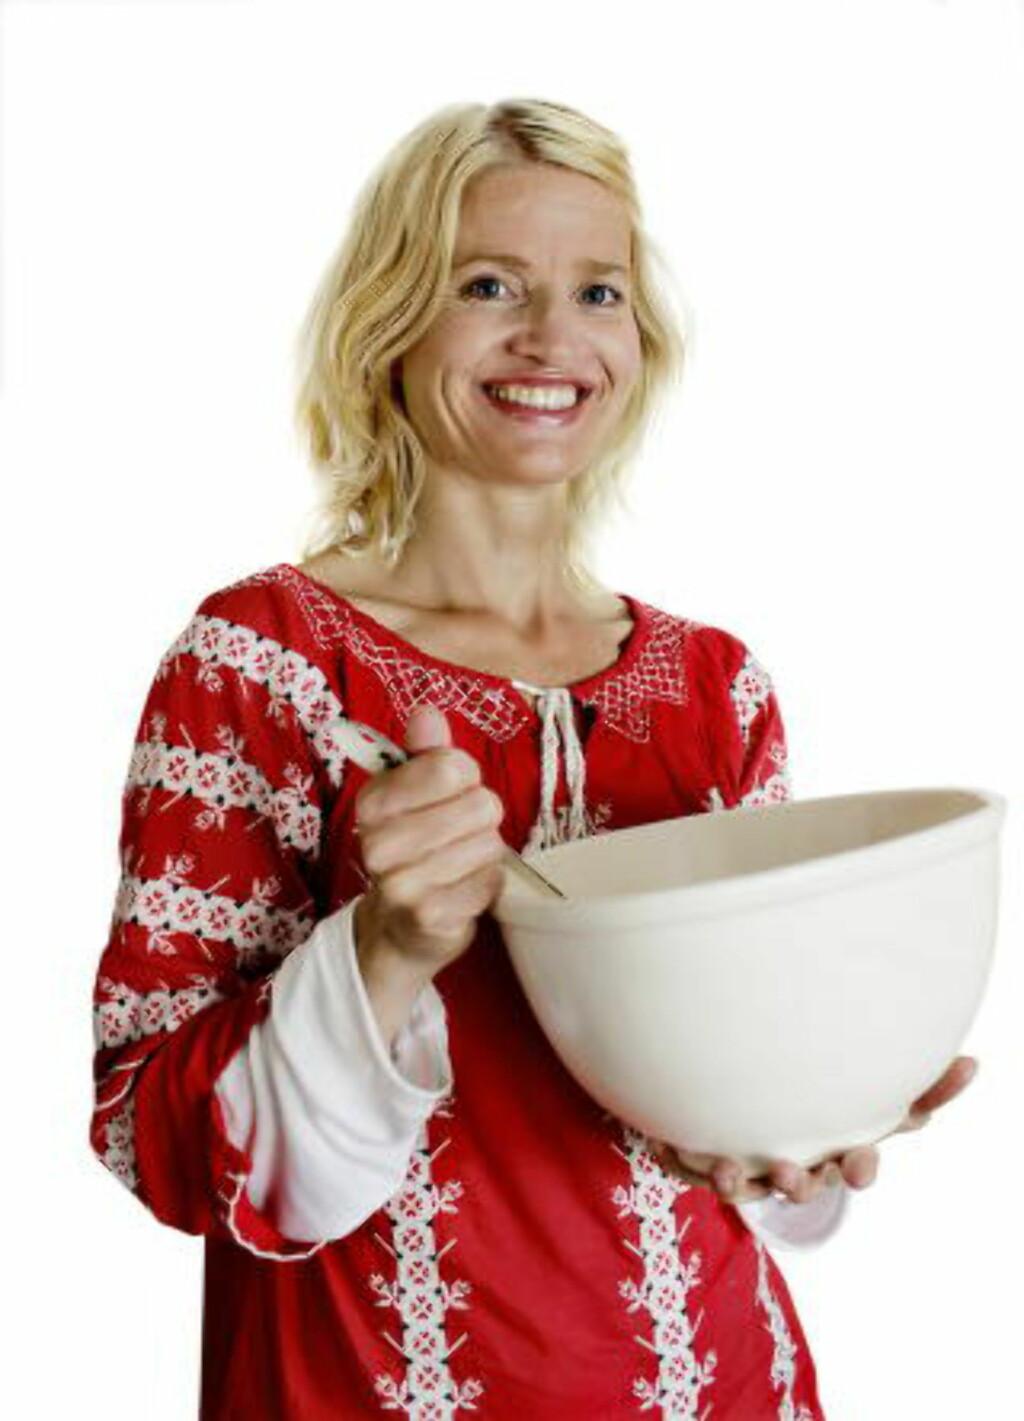 BLIR VEKKET:  Marit Røttingsnes Westlie, Fru Timian, er ofte ettertraktet når folk vil overraske familien med gjærbakst søndag morgen.Foto: METTE MØLLER